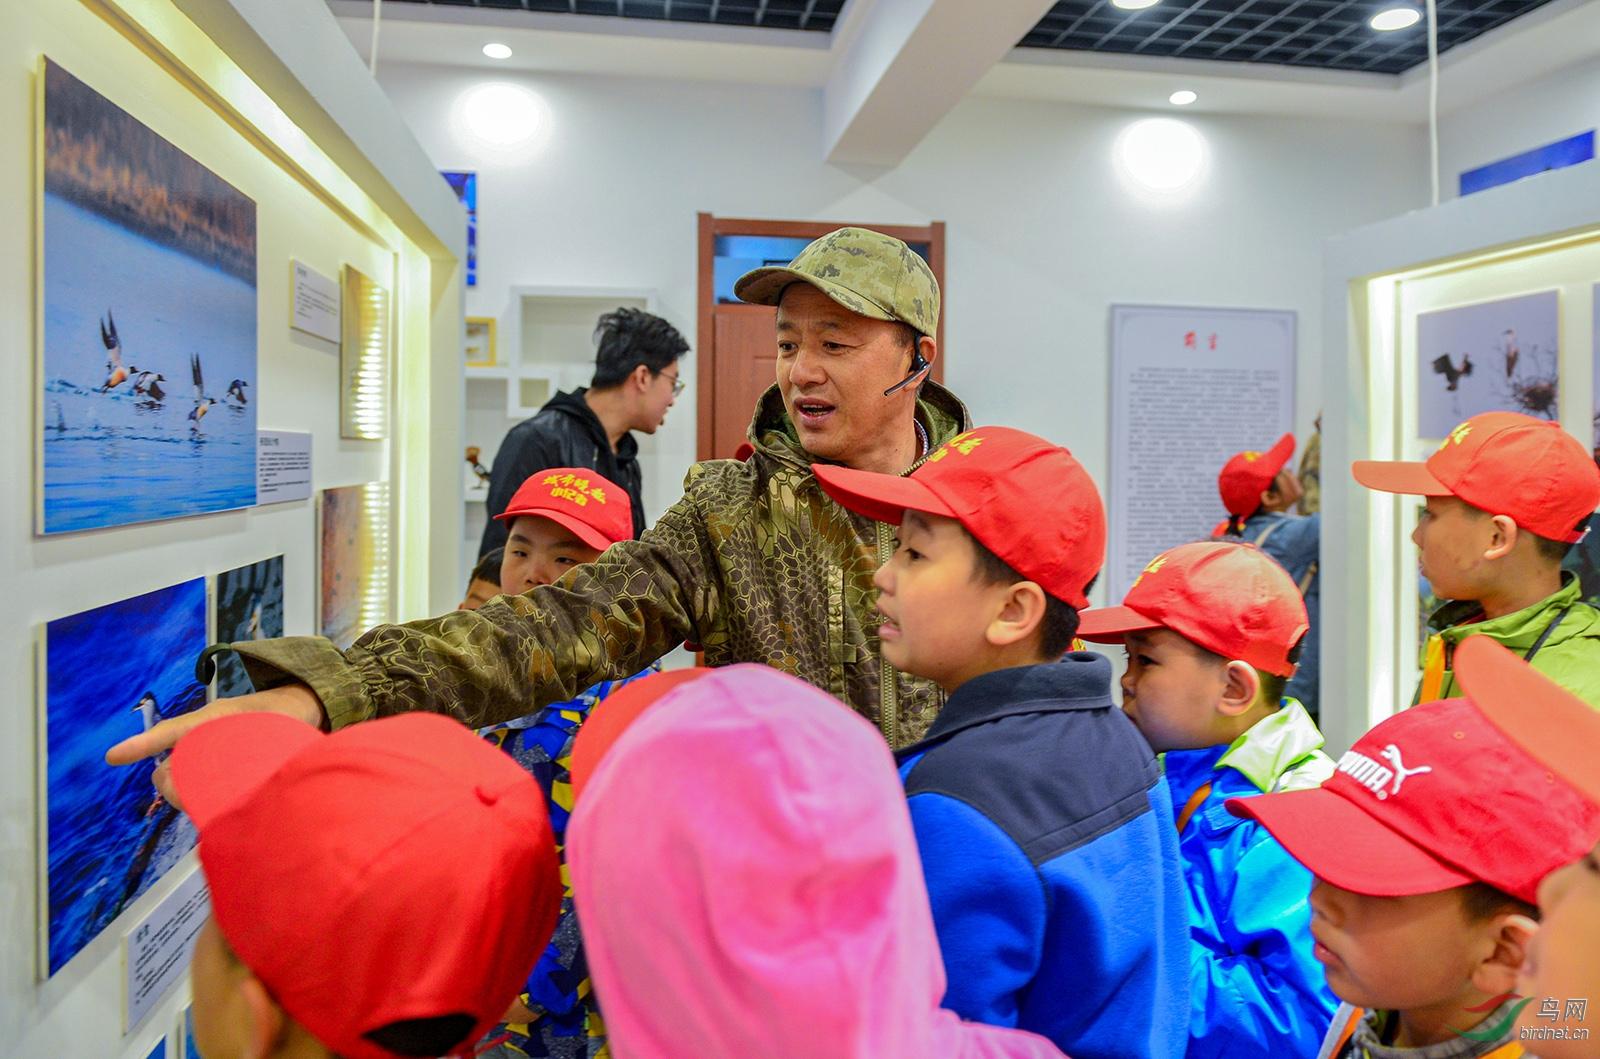 野生动物保护志愿者联盟秘书长金广山向长春城市晚报小记者们介绍各种鸟类种类.jpg